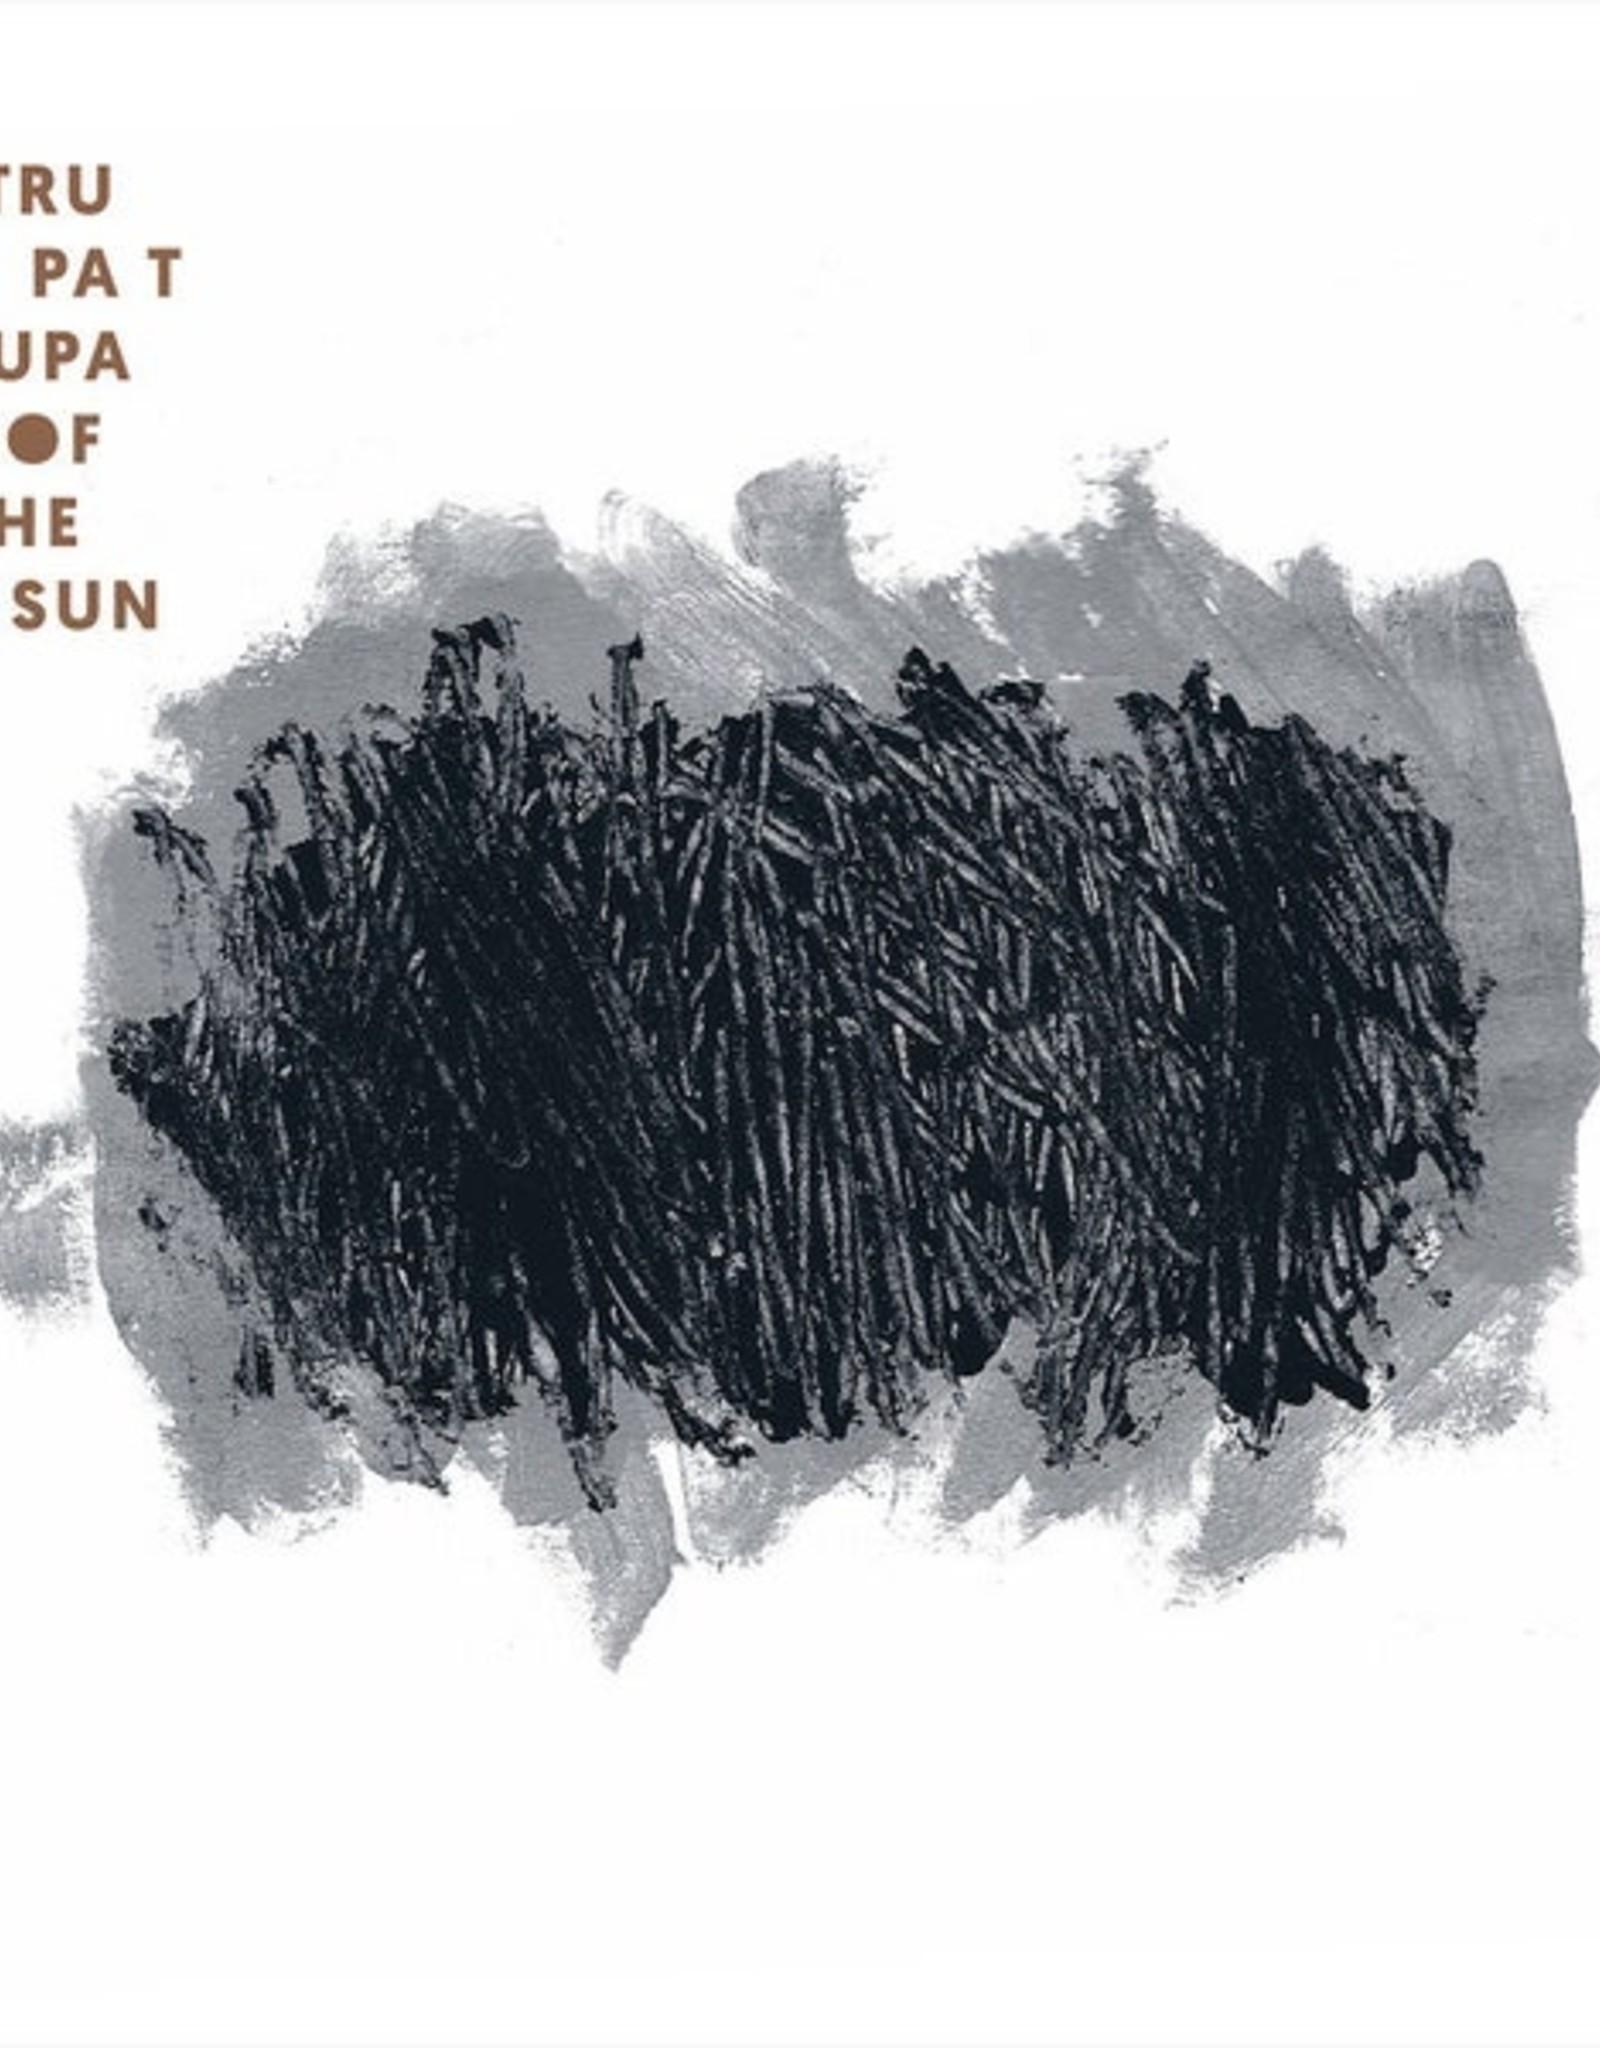 Trupa Trupa - Of The Sun Lov091 Lovitt Records